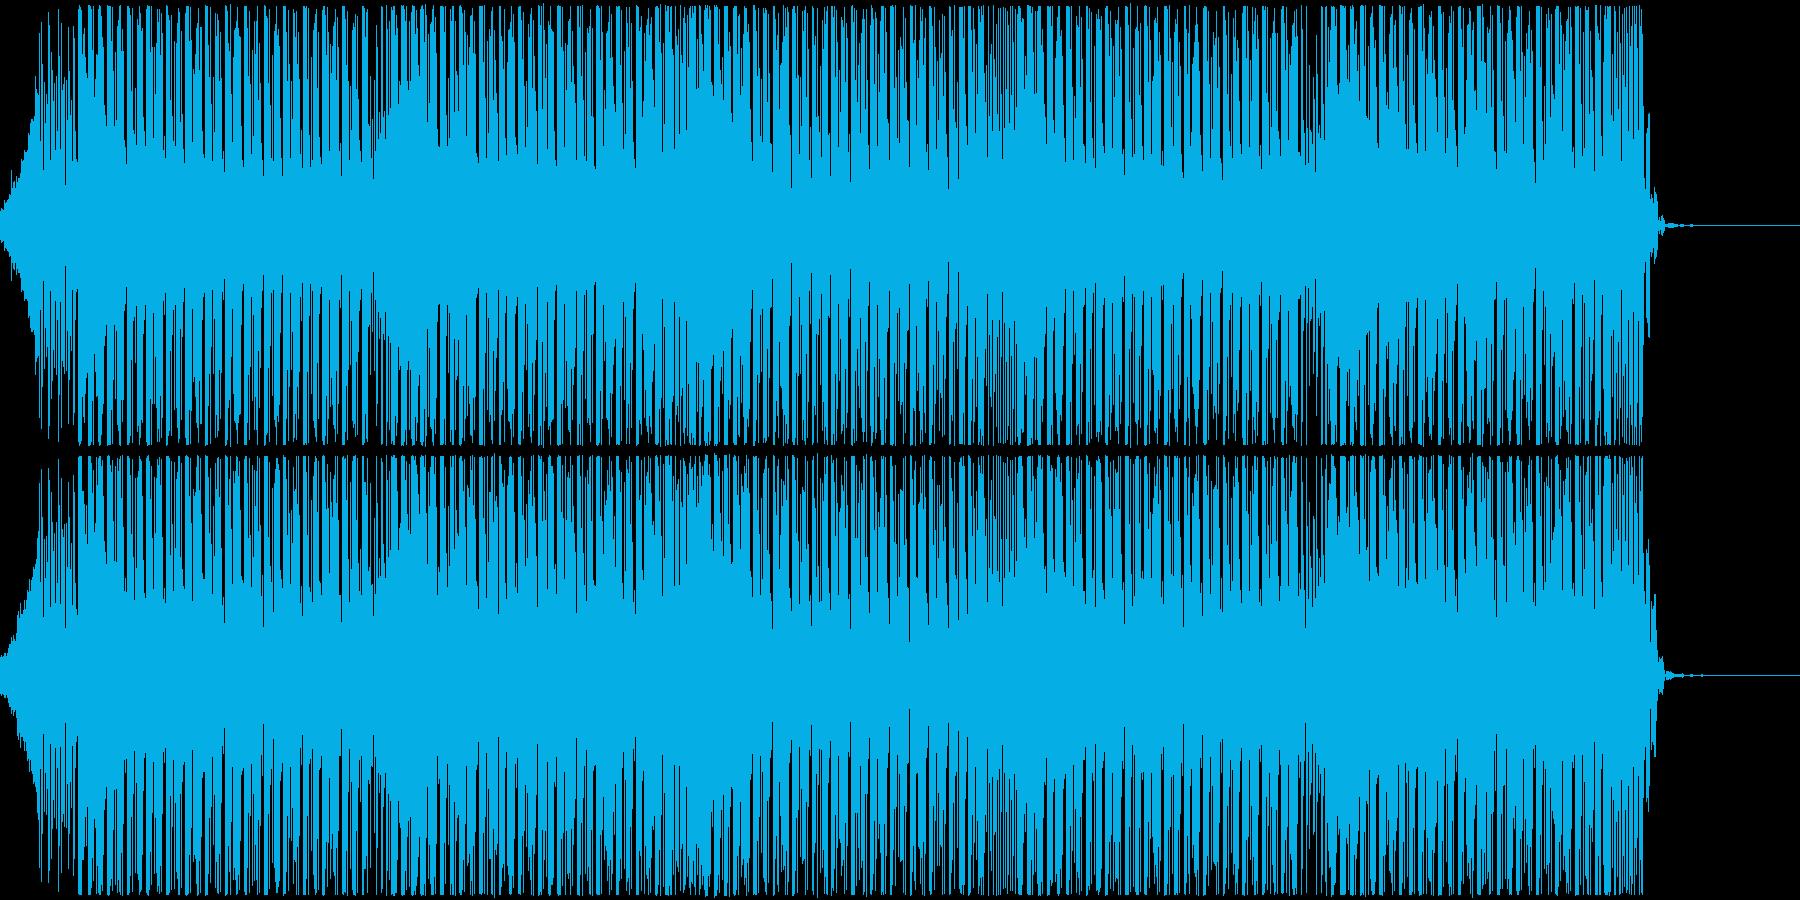 疾走感がありノリの良いテクノハウスBGMの再生済みの波形